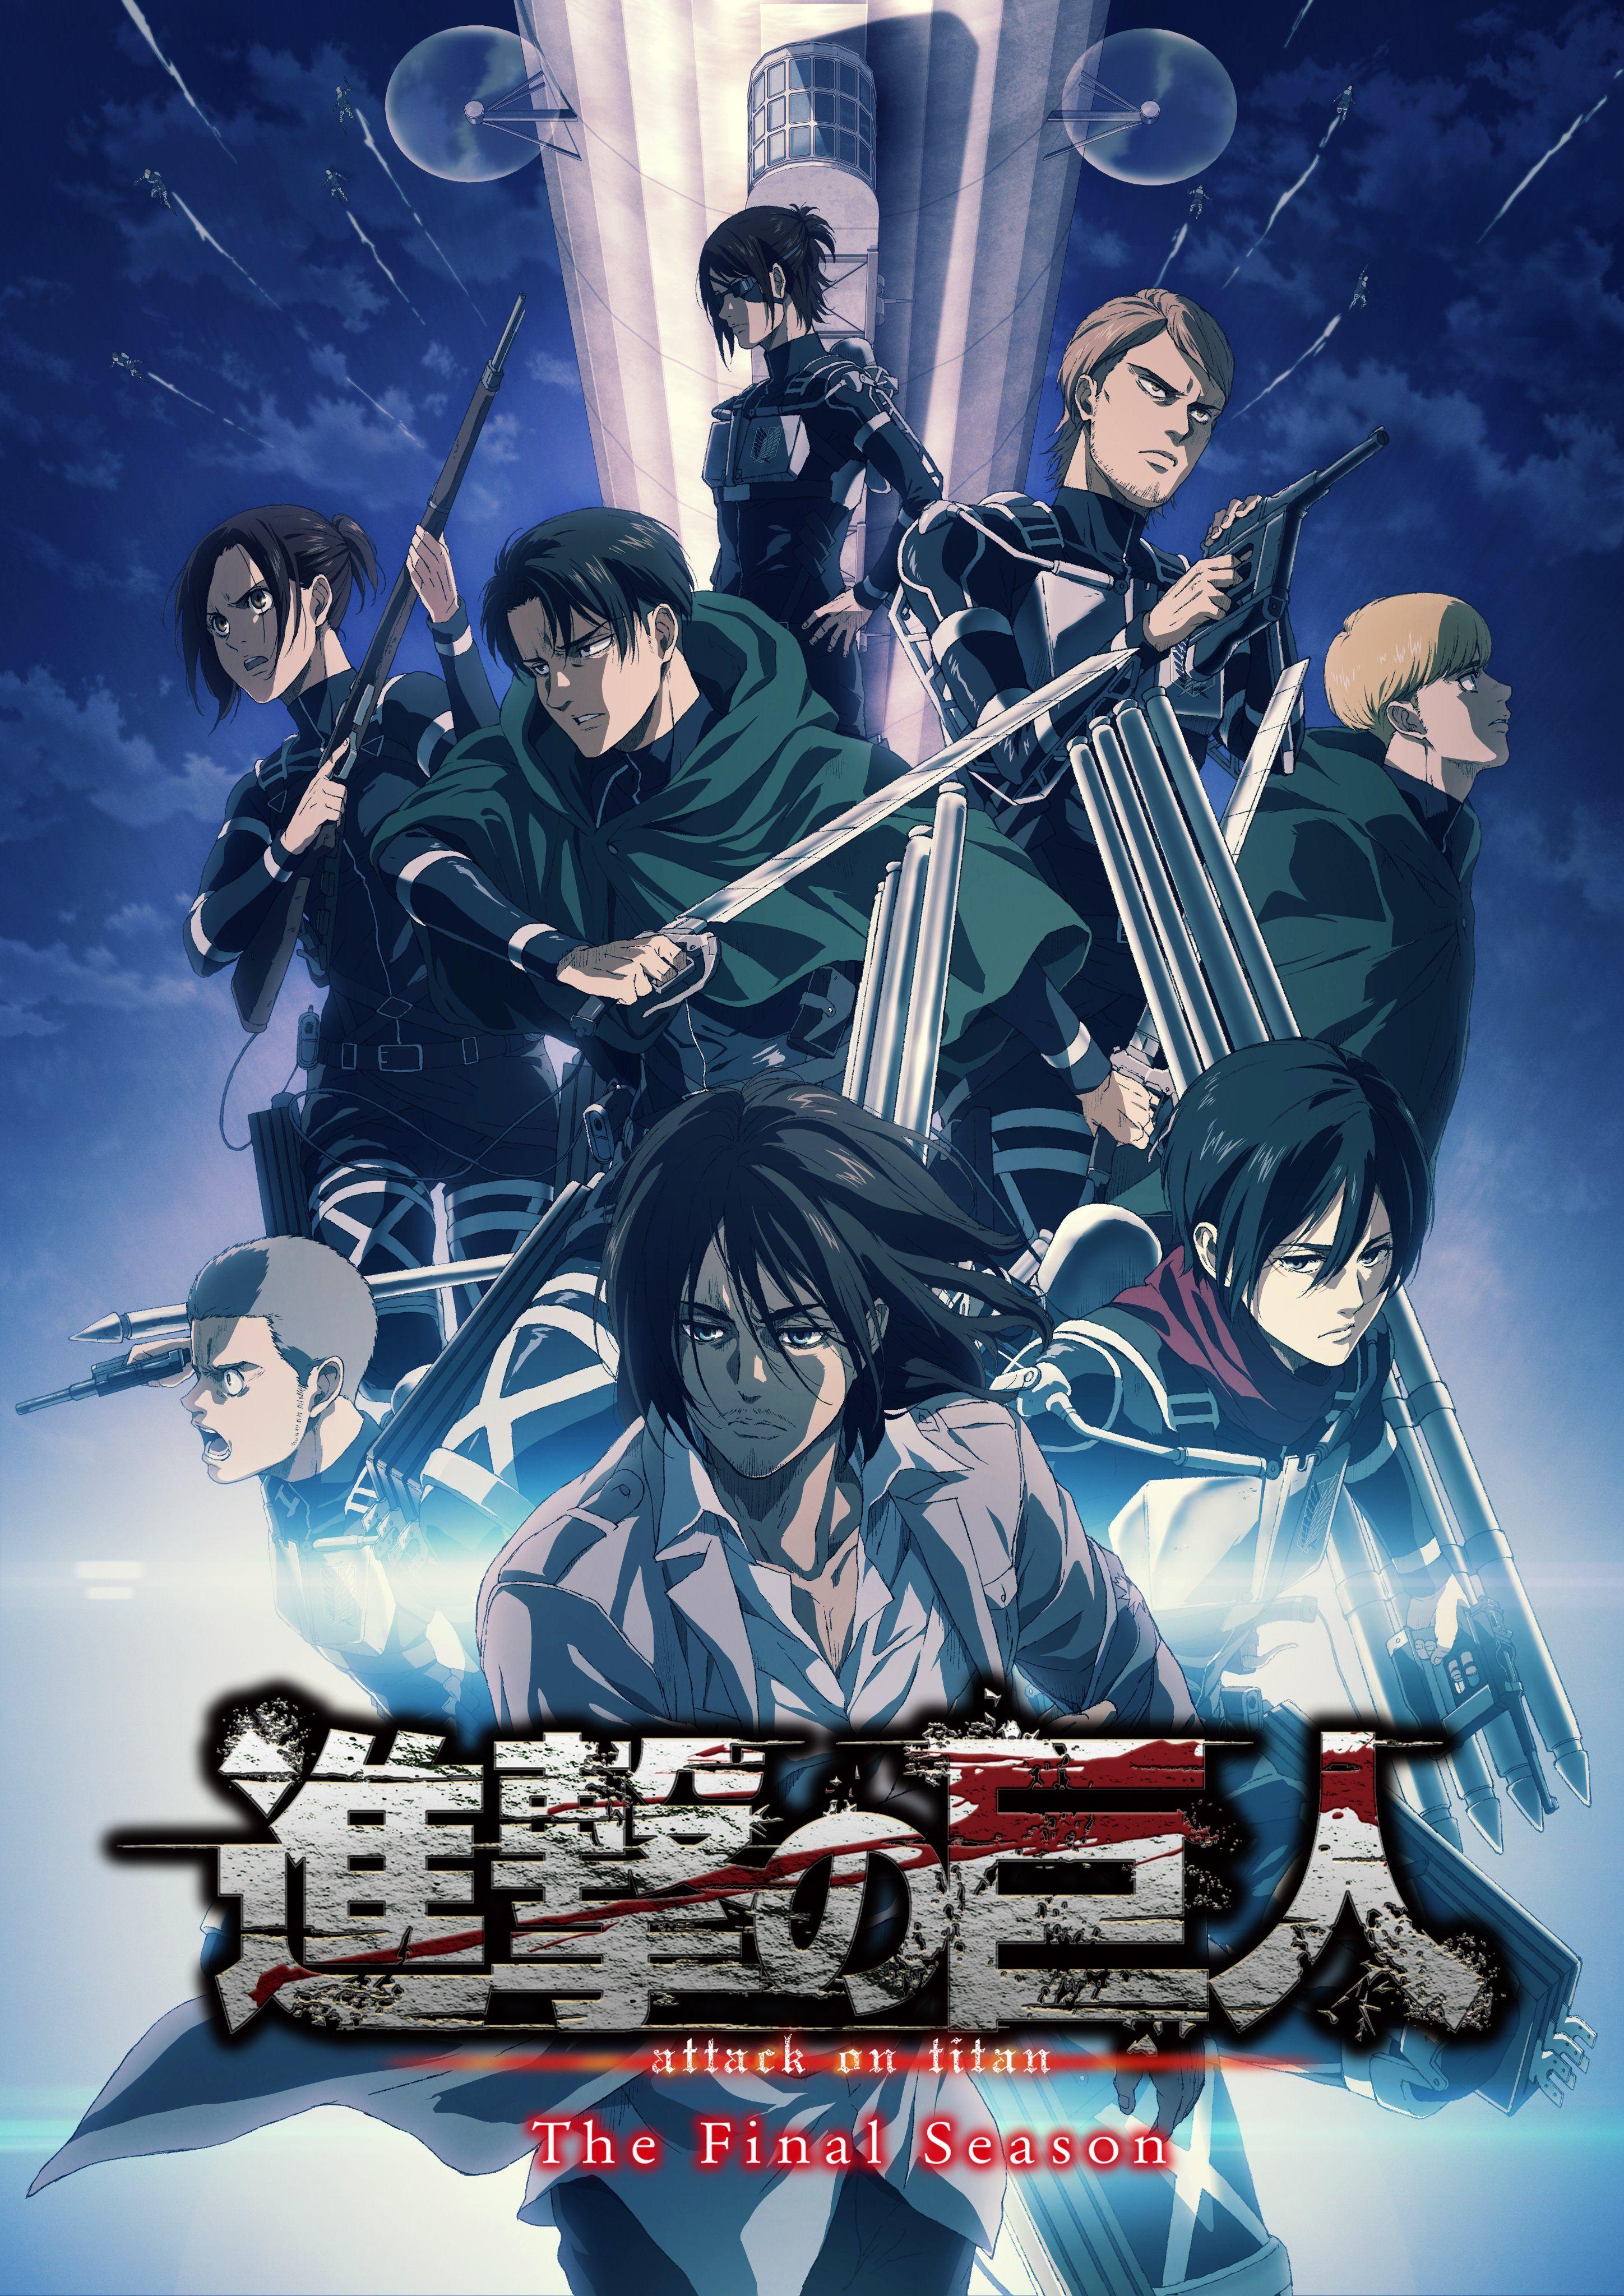 Https Www3 Animeflv Net Anime Shingeki No Kyojin The Final Season Naruto E Sasuke Desenho Filmes De Anime Titãs Anime